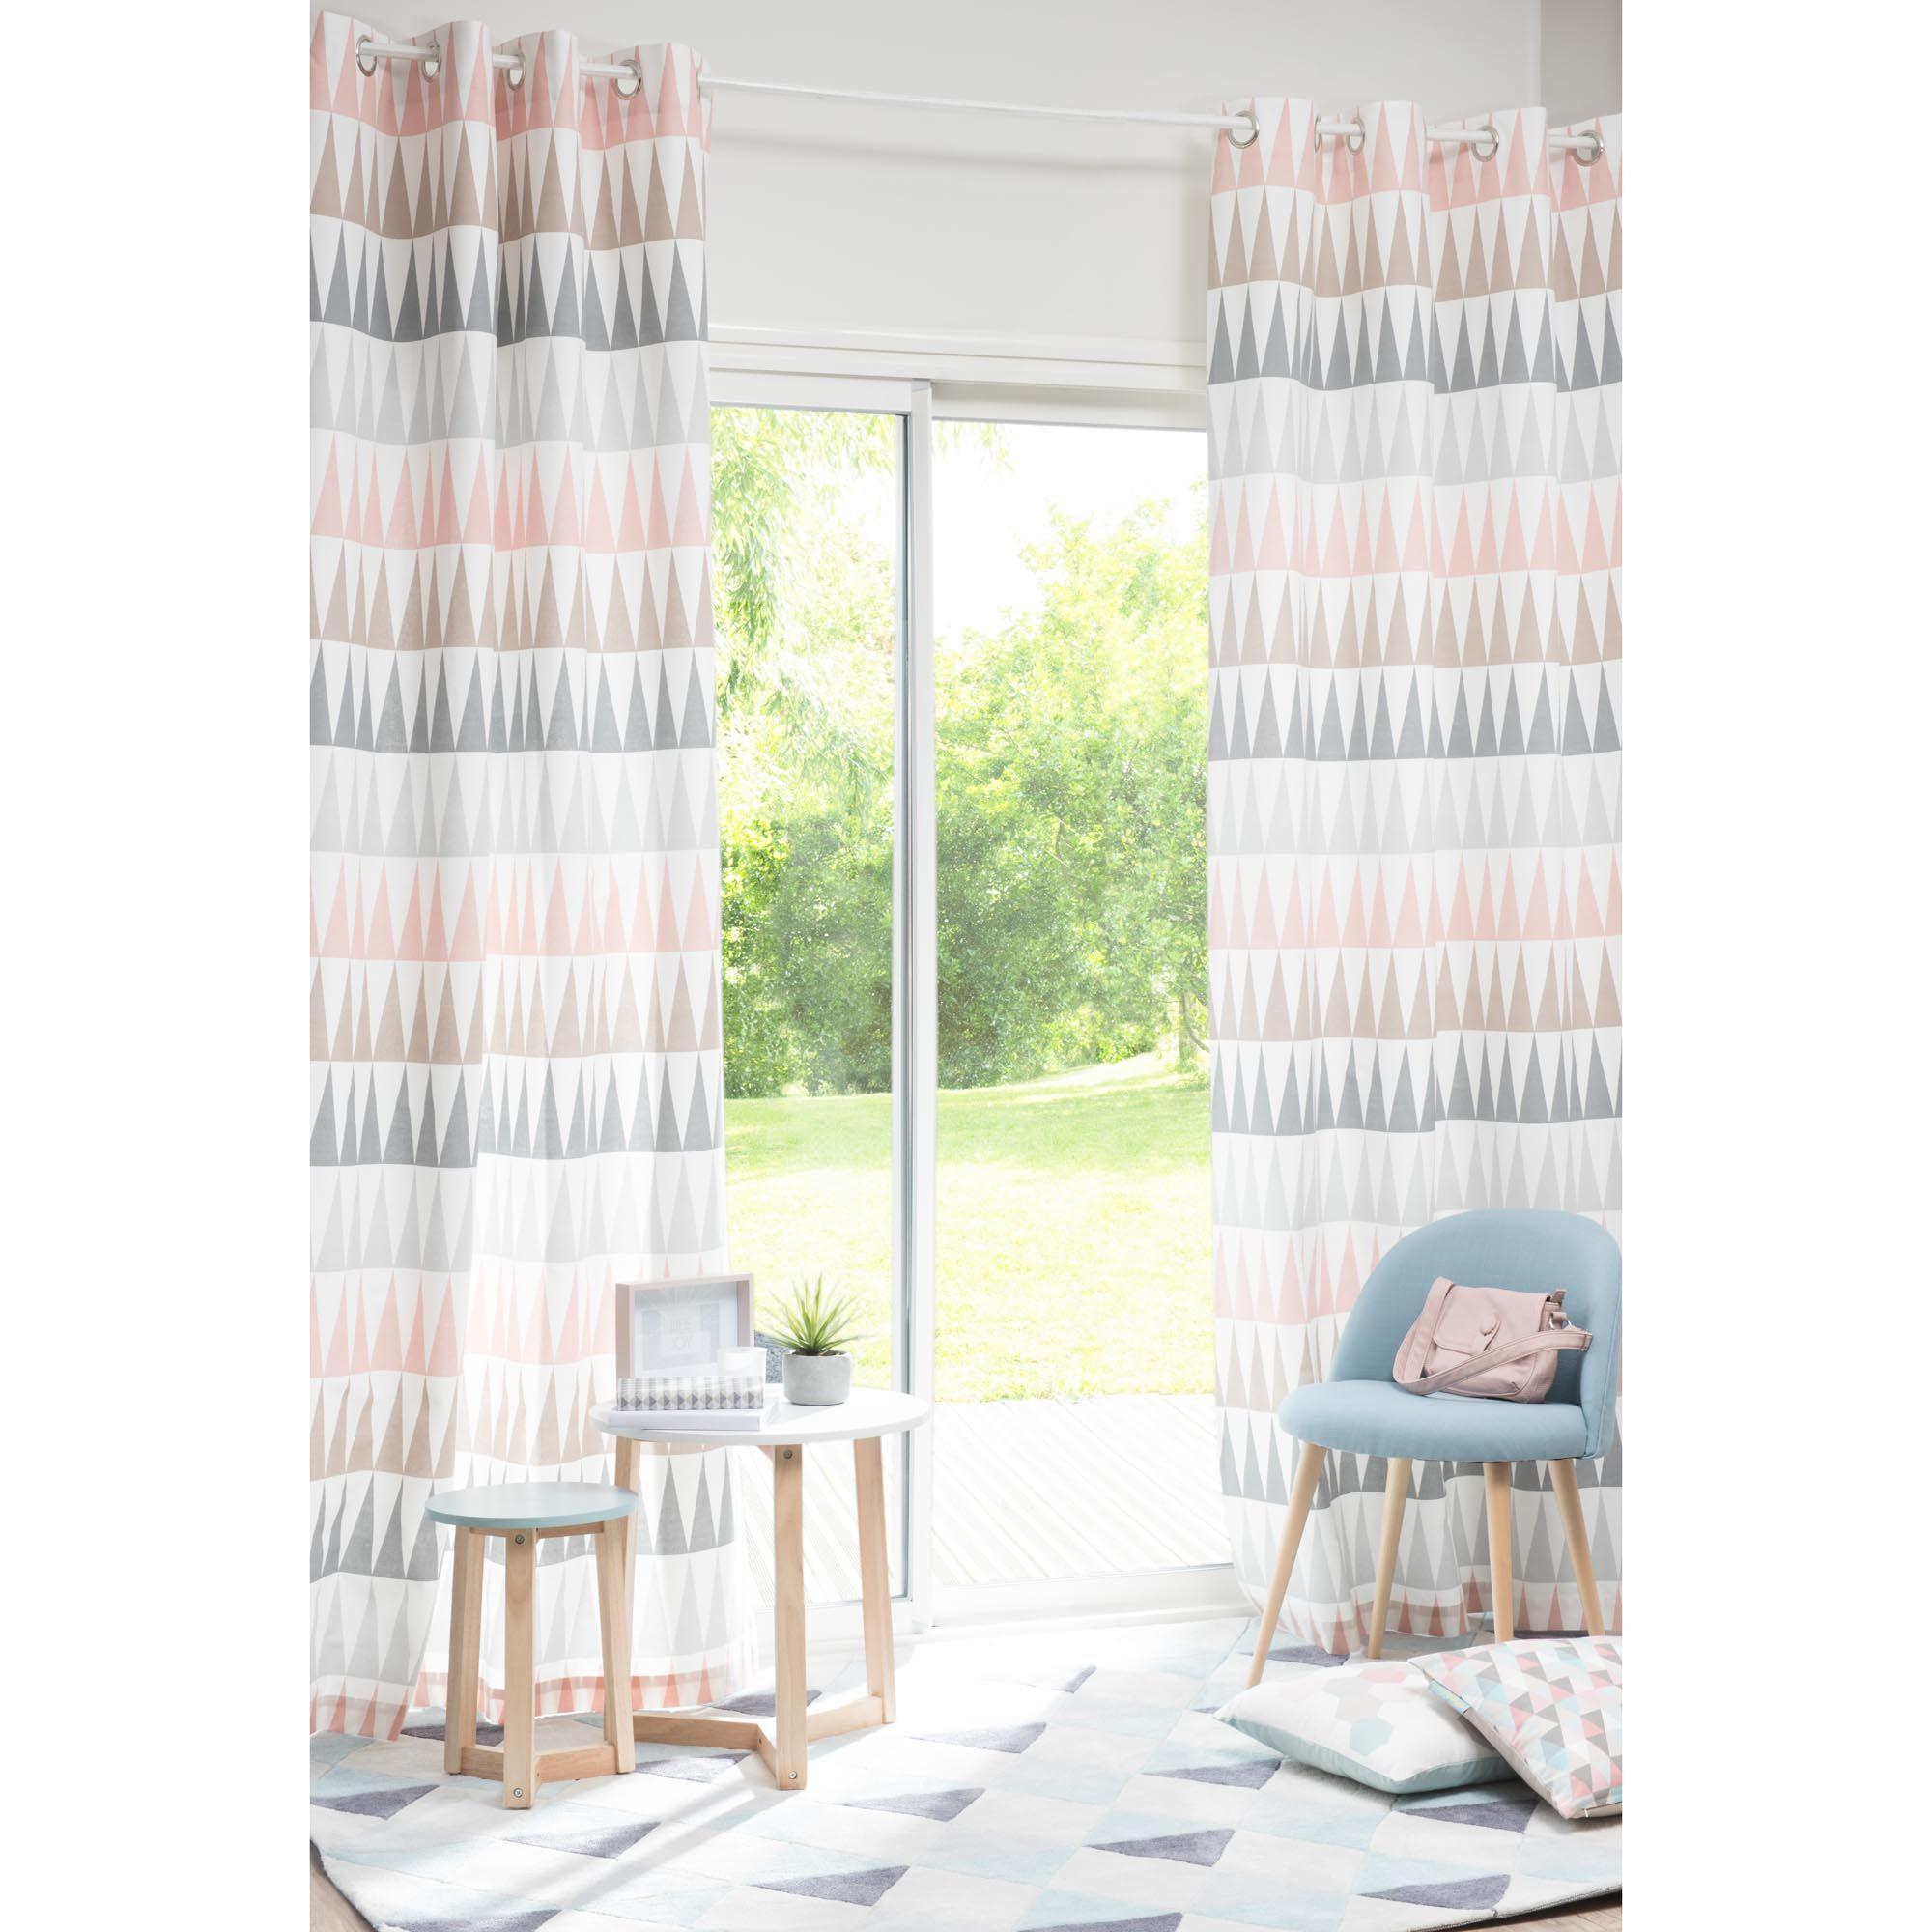 rideau illets en coton rose 110 x 250 cm trendy maisons du monde scandinavian living room. Black Bedroom Furniture Sets. Home Design Ideas